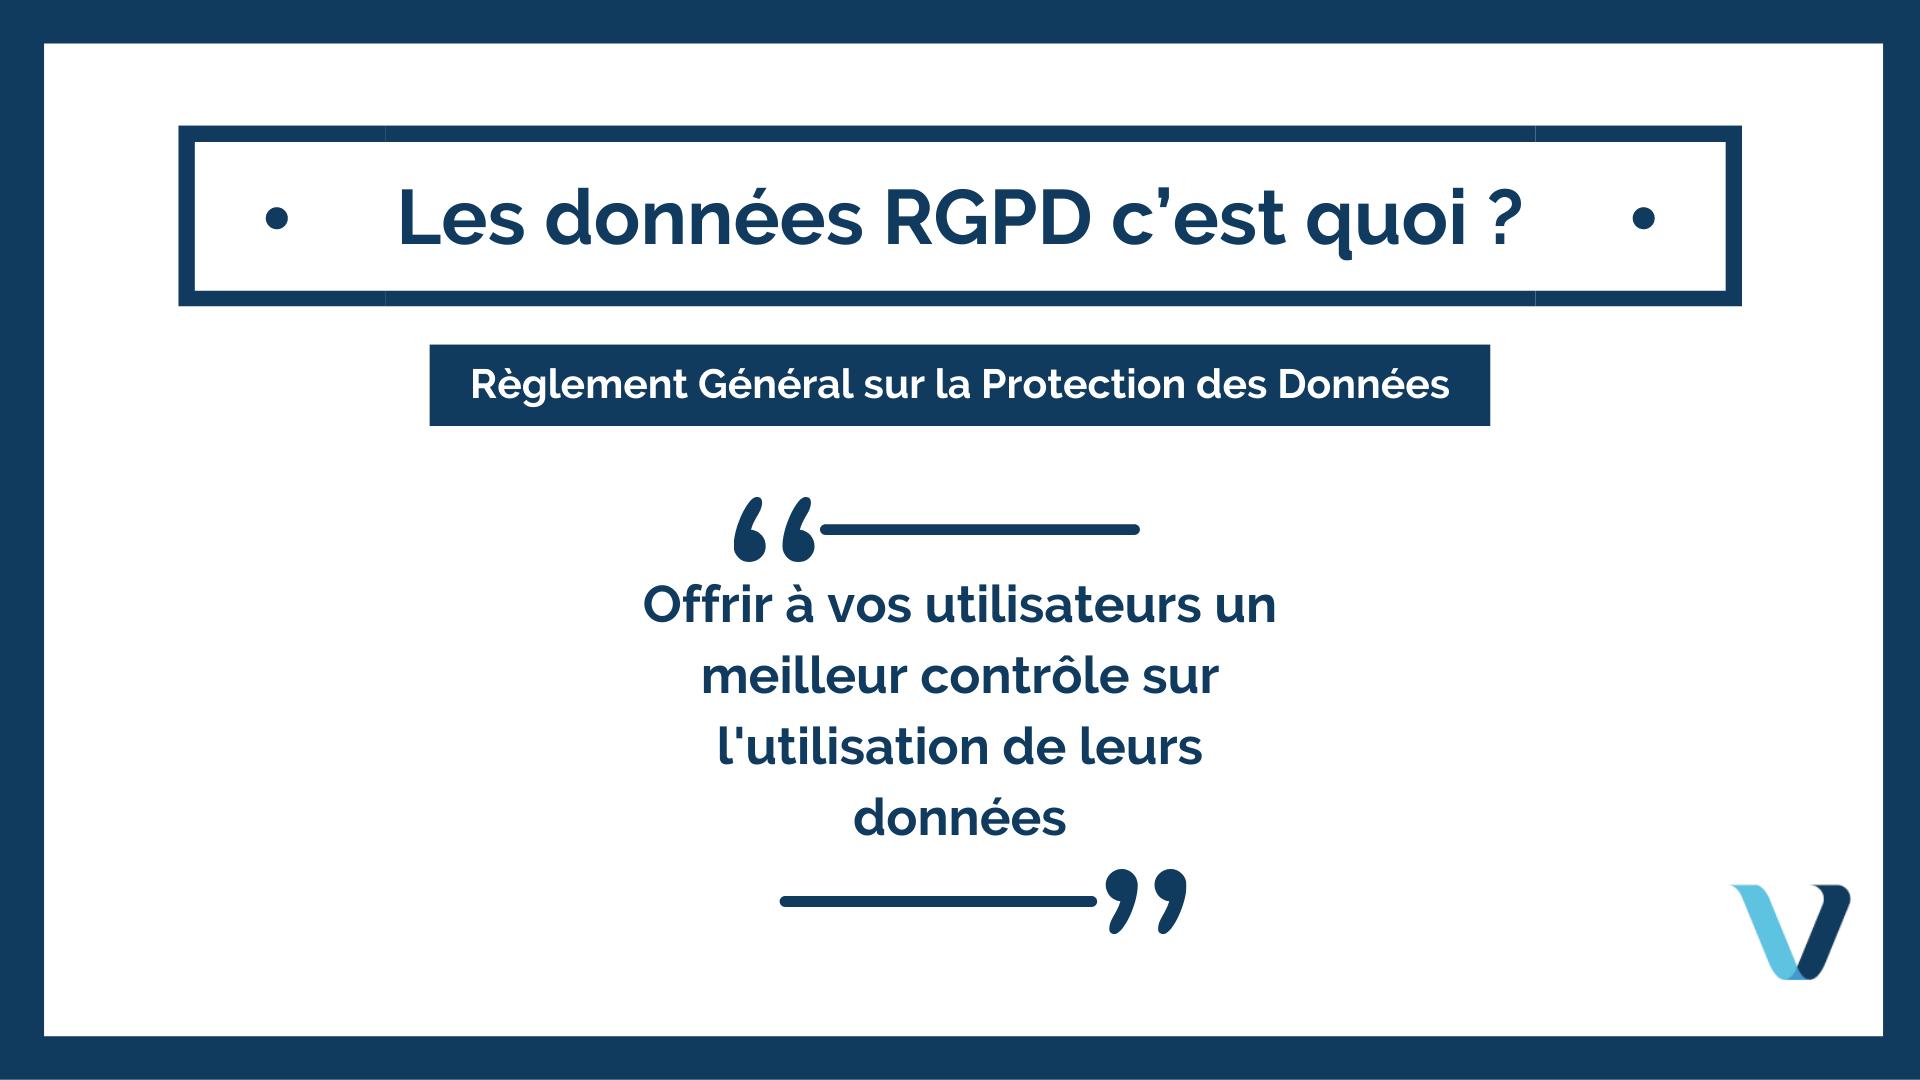 Les RGPD, c'est quoi ?